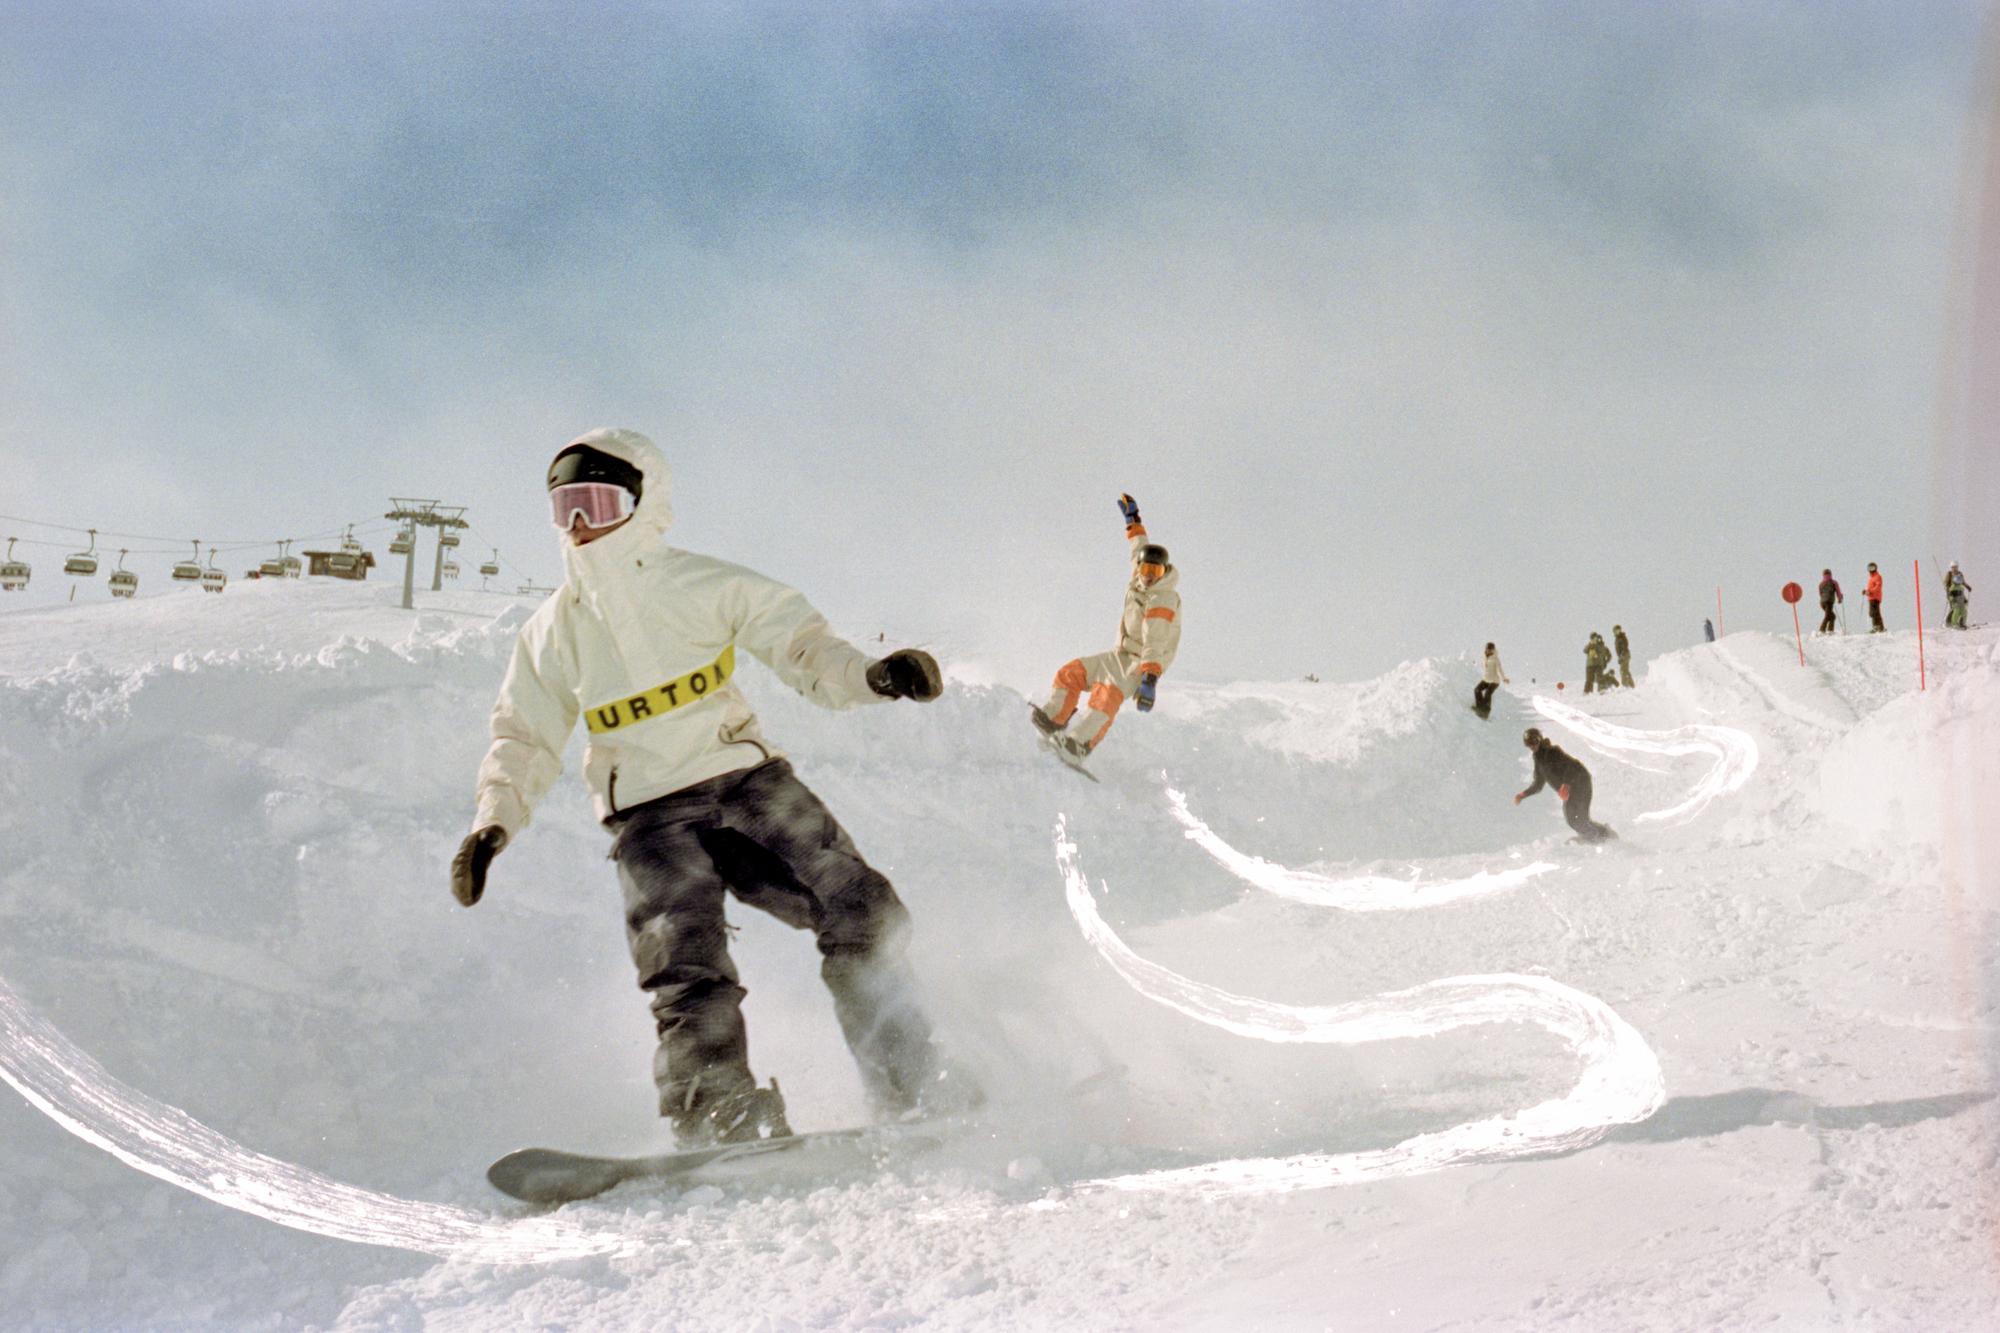 Rekrutten: Turboble og snowboardglede i Livigno